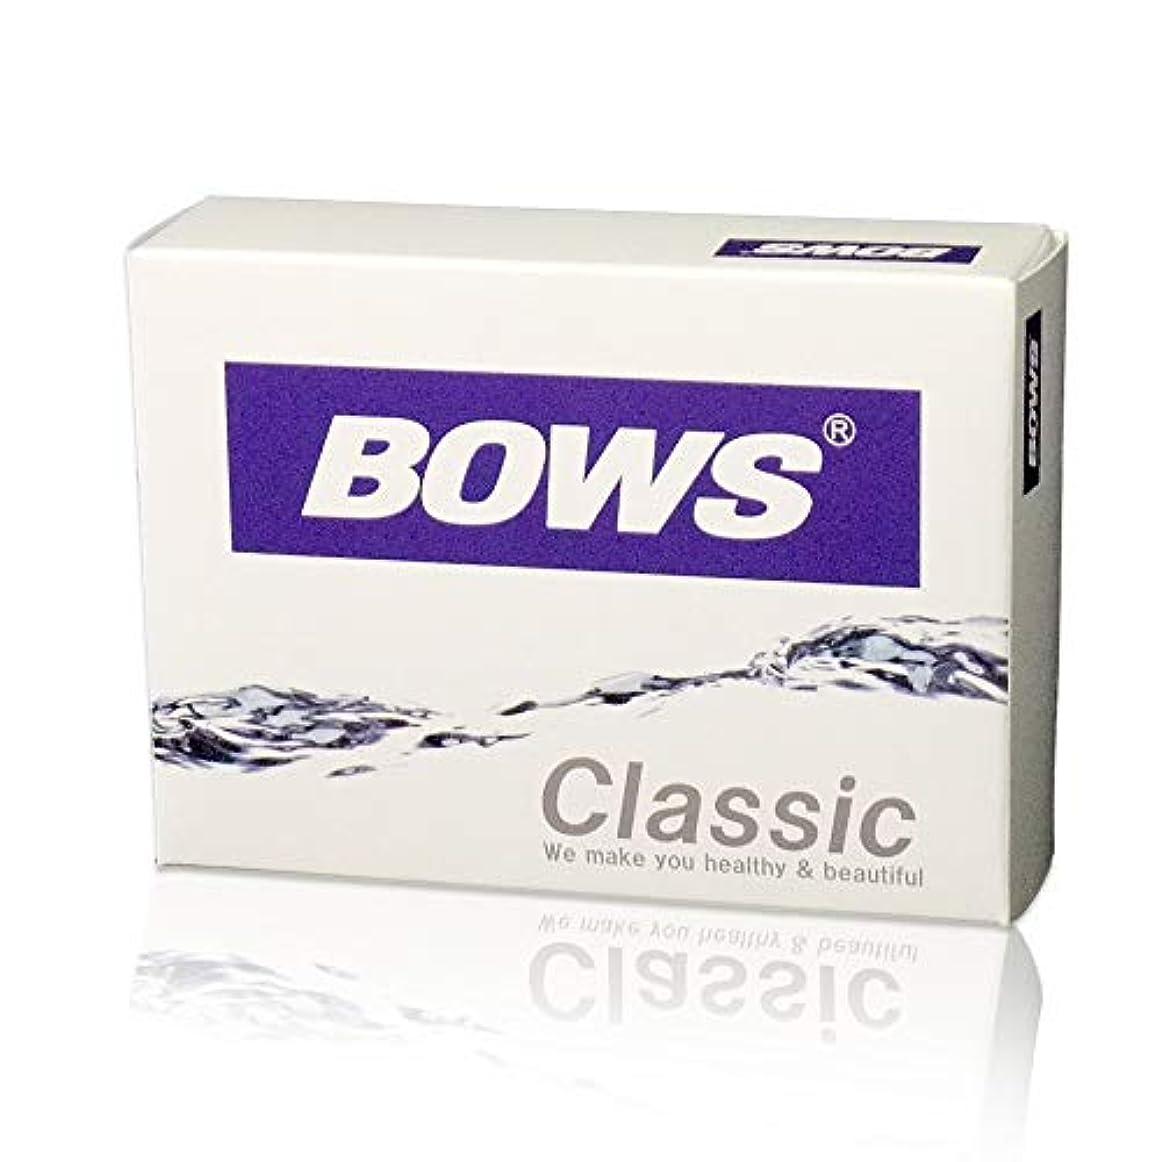 カルシウム予測子絶縁するBOWS Classic(ボウス クラシック) 90g (30包)